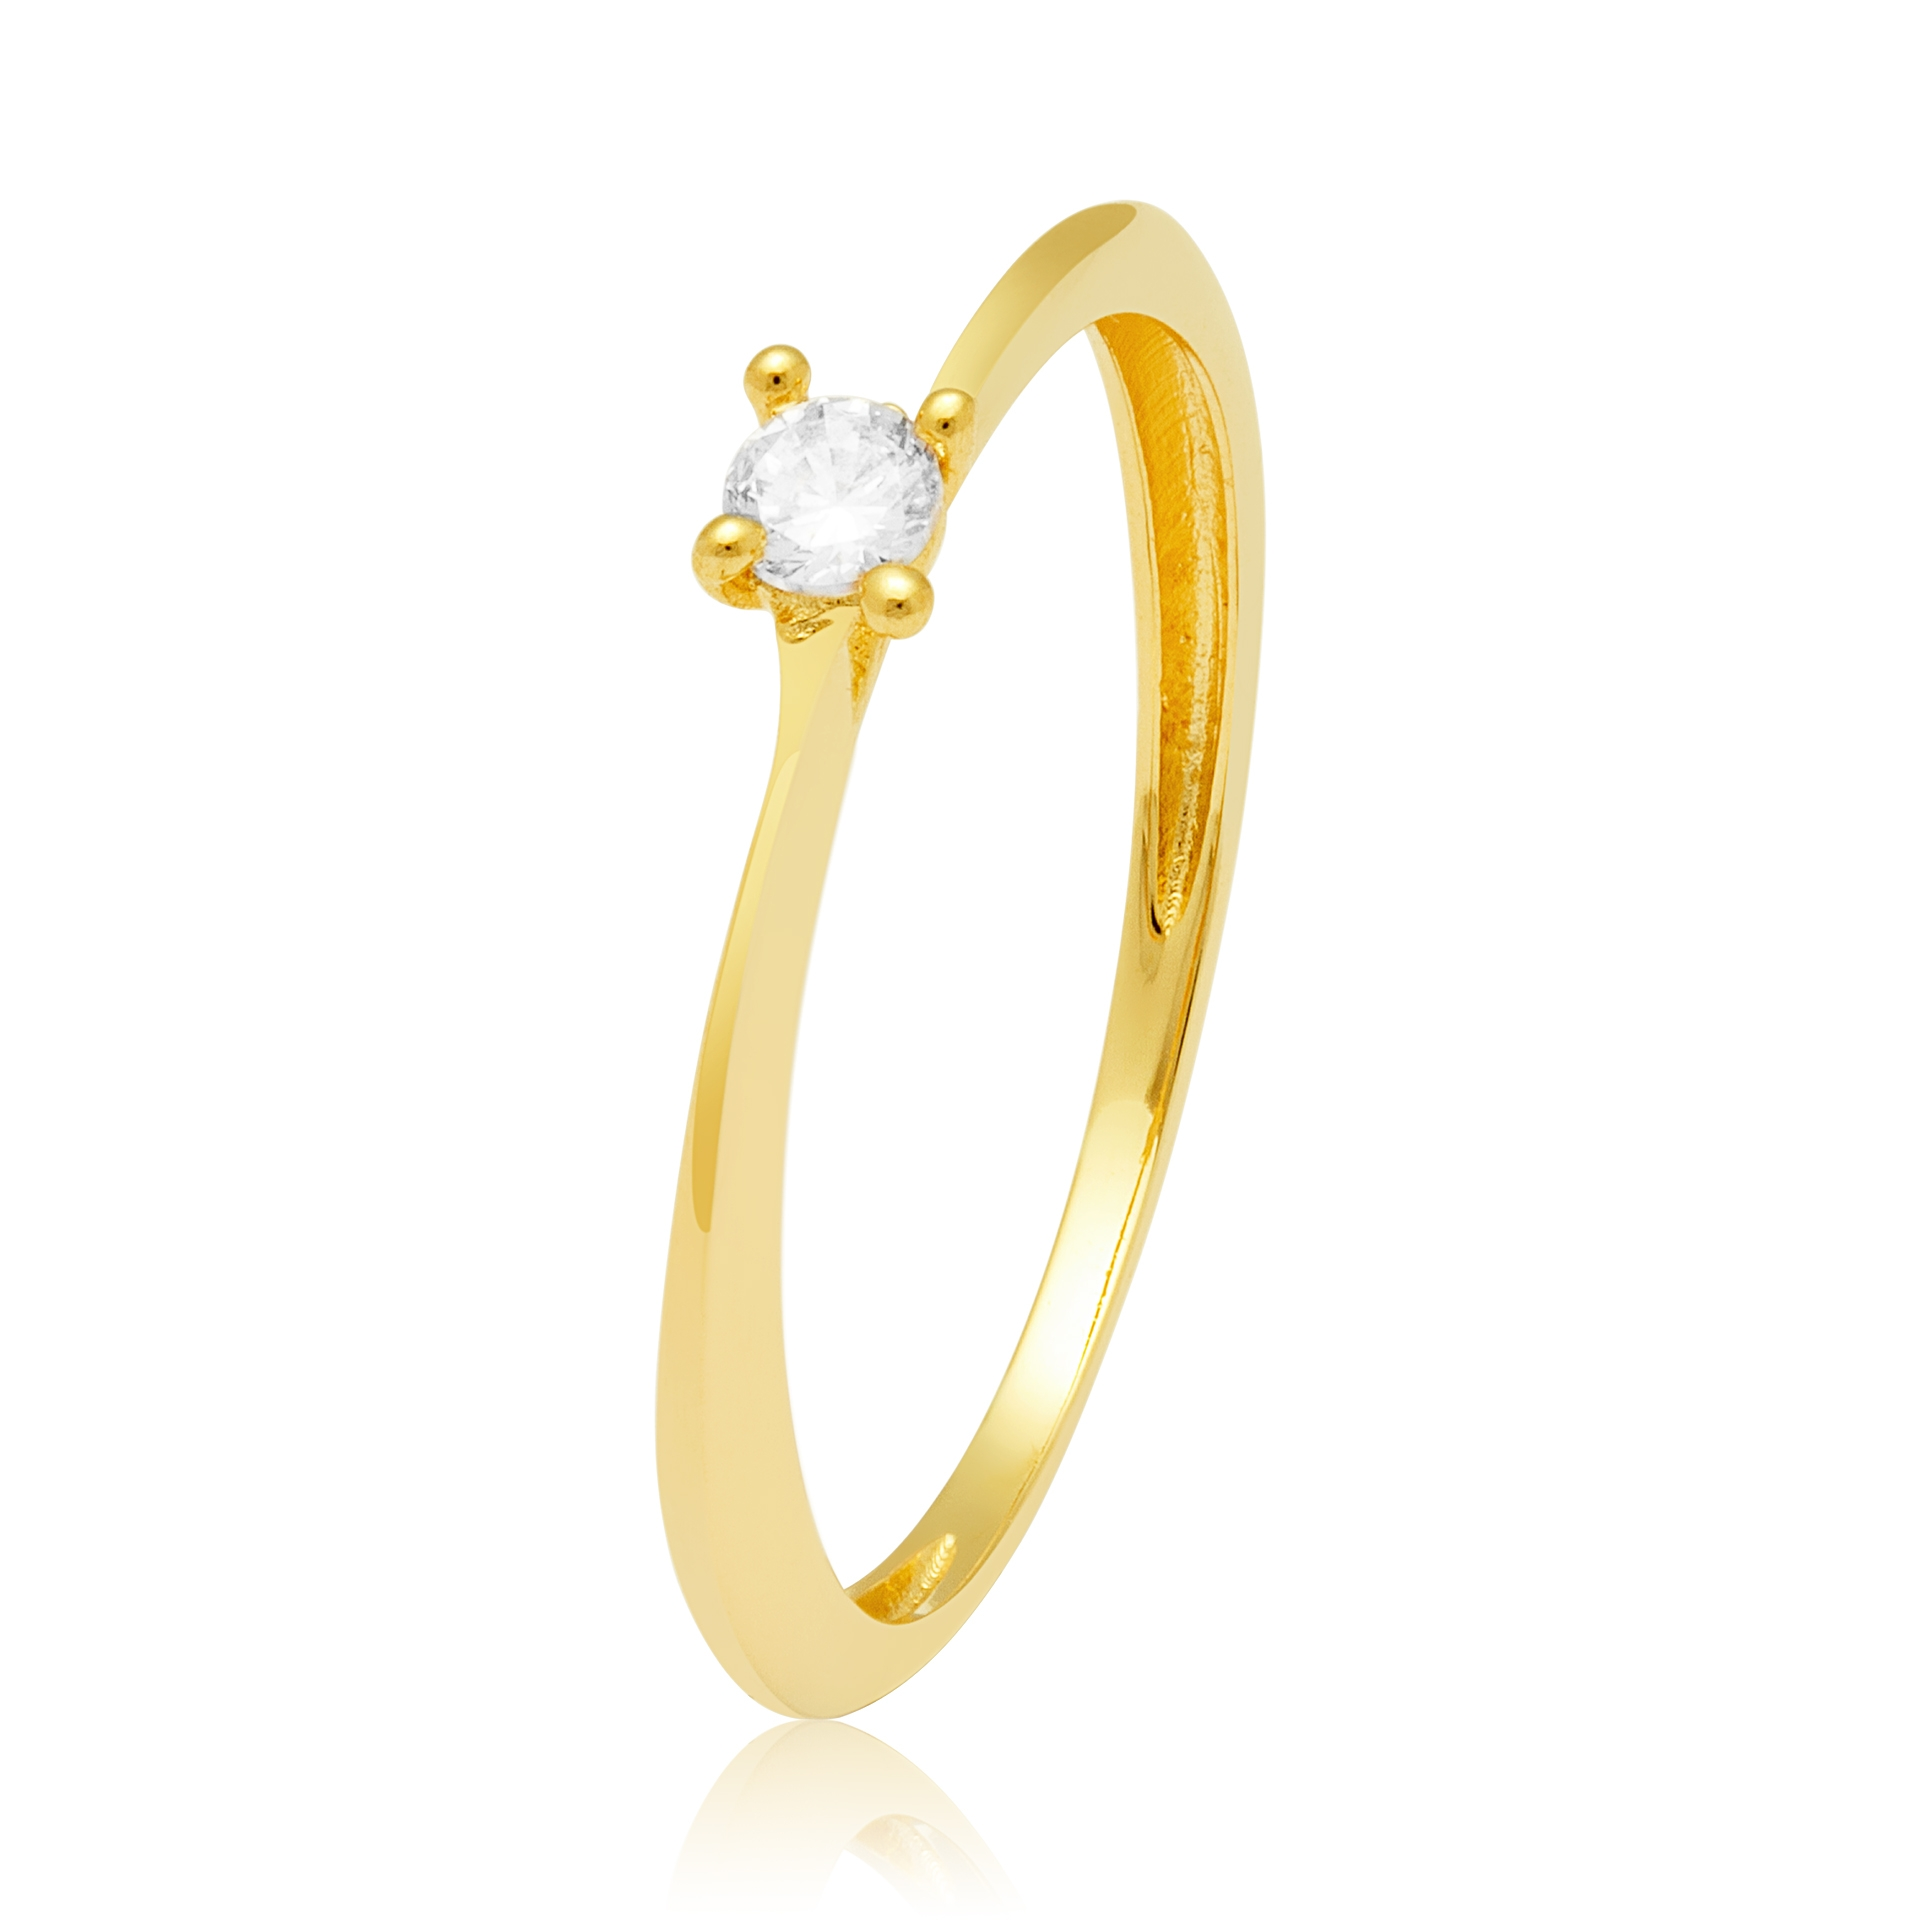 Solitário Ouro Amarelo 18k Illusion e 11 Pontos de Diamantes